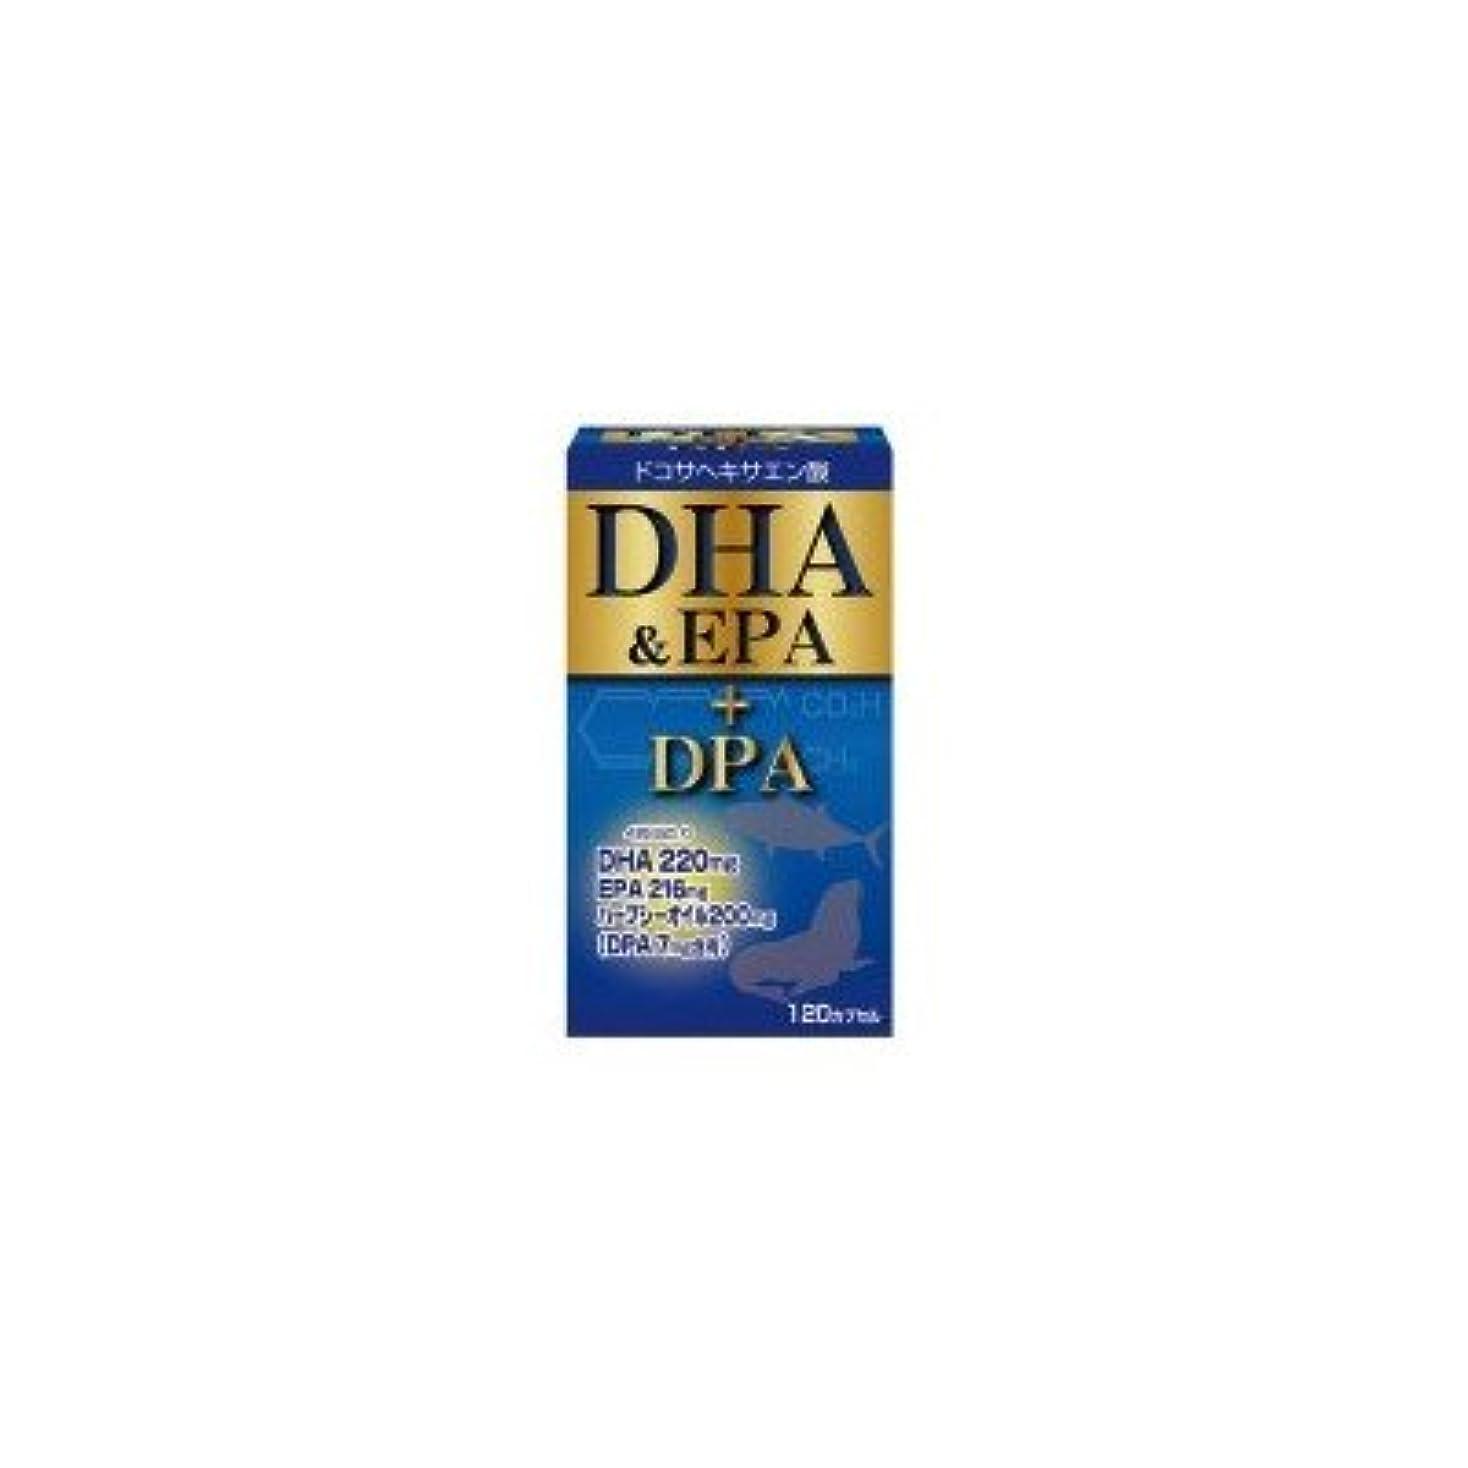 スカウト作曲家拘束ユーワ DHA&EPA+DPA 120カプセル (品番:3091)